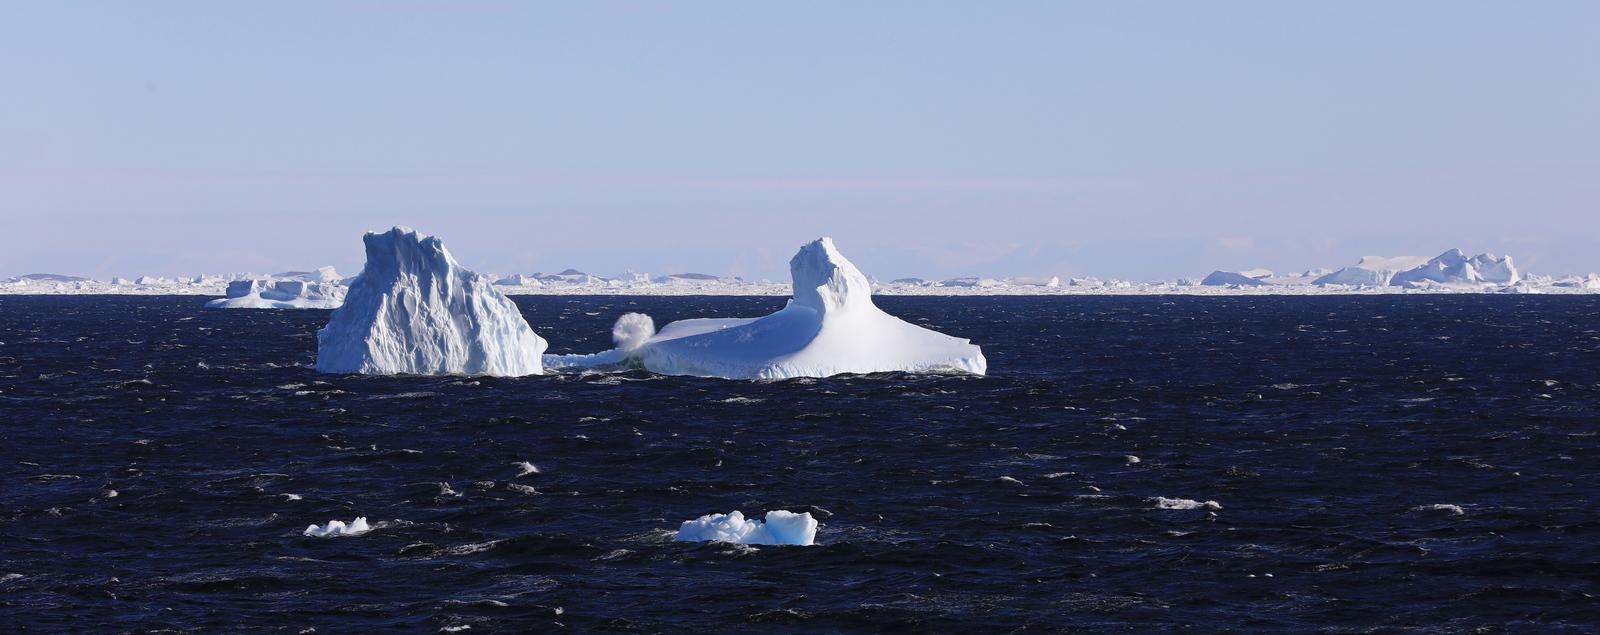 1702_Antarctique_02428_c_sm.jpg